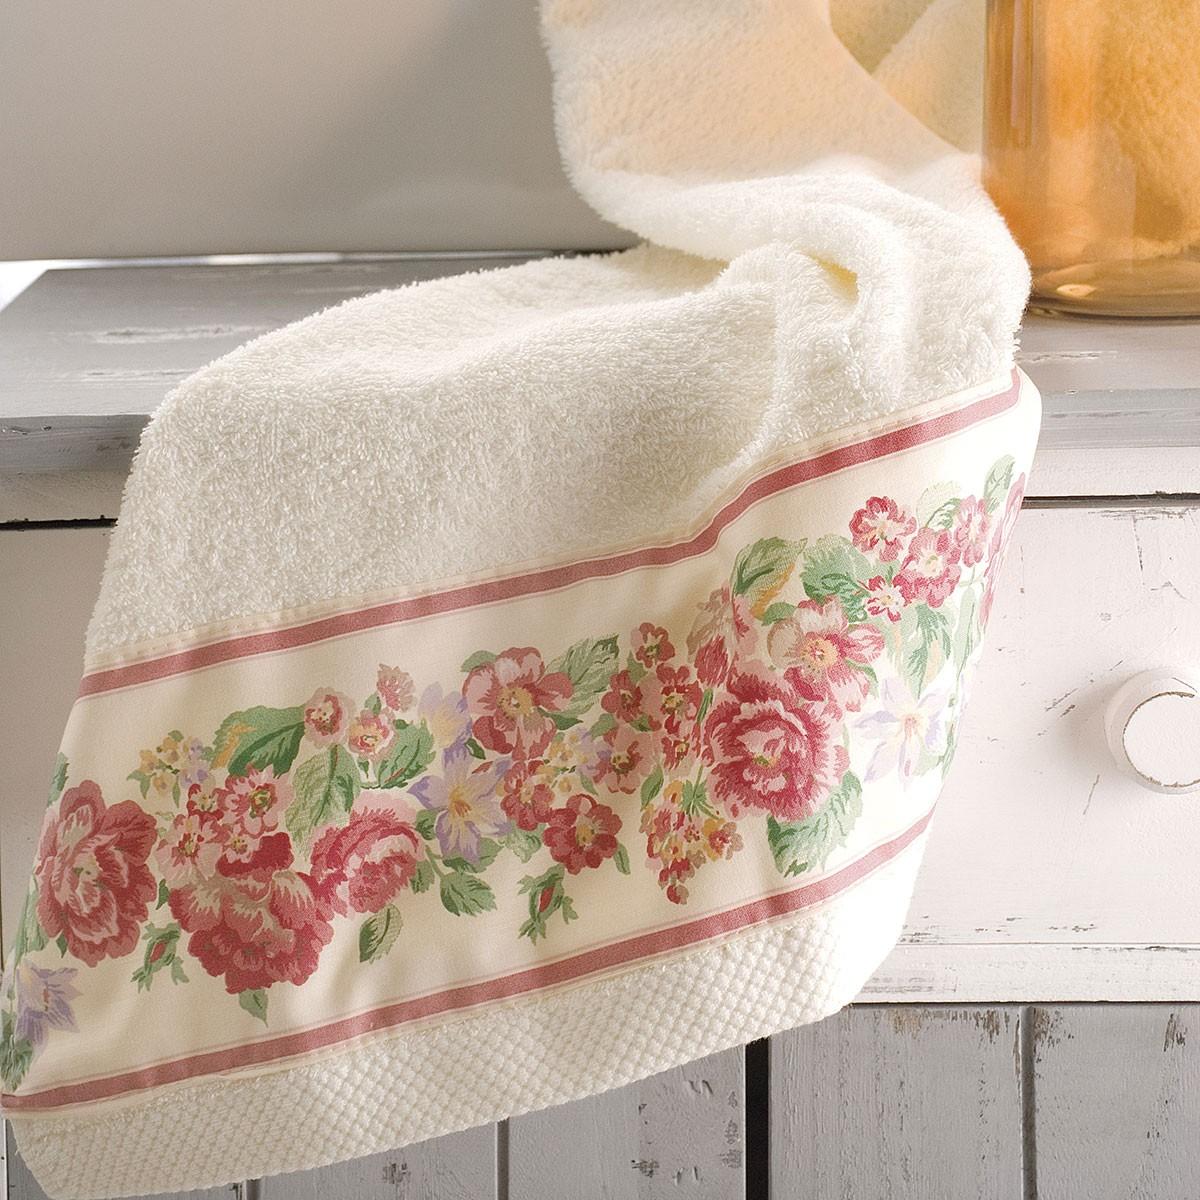 Πετσέτες Μπάνιου (Σετ 3τμχ) Rythmos Bathroom Veronica home   μπάνιο   πετσέτες μπάνιου